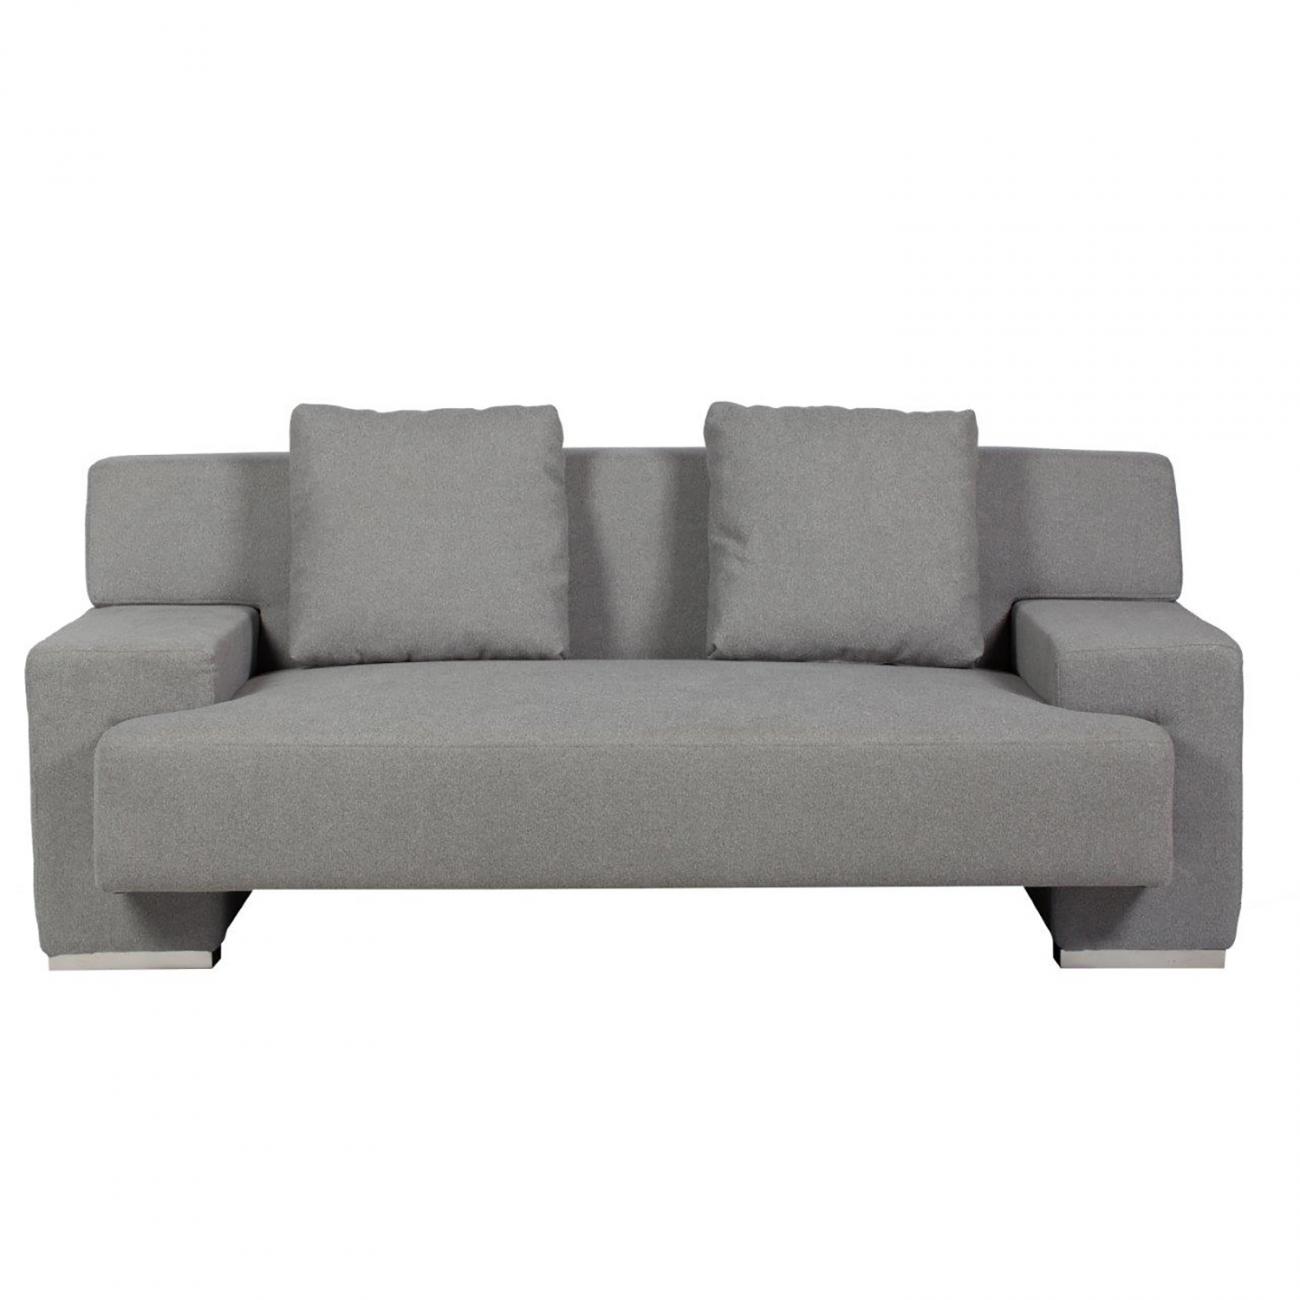 Купить Диван Goodlife Светло-серый Нейлон в интернет магазине дизайнерской мебели и аксессуаров для дома и дачи